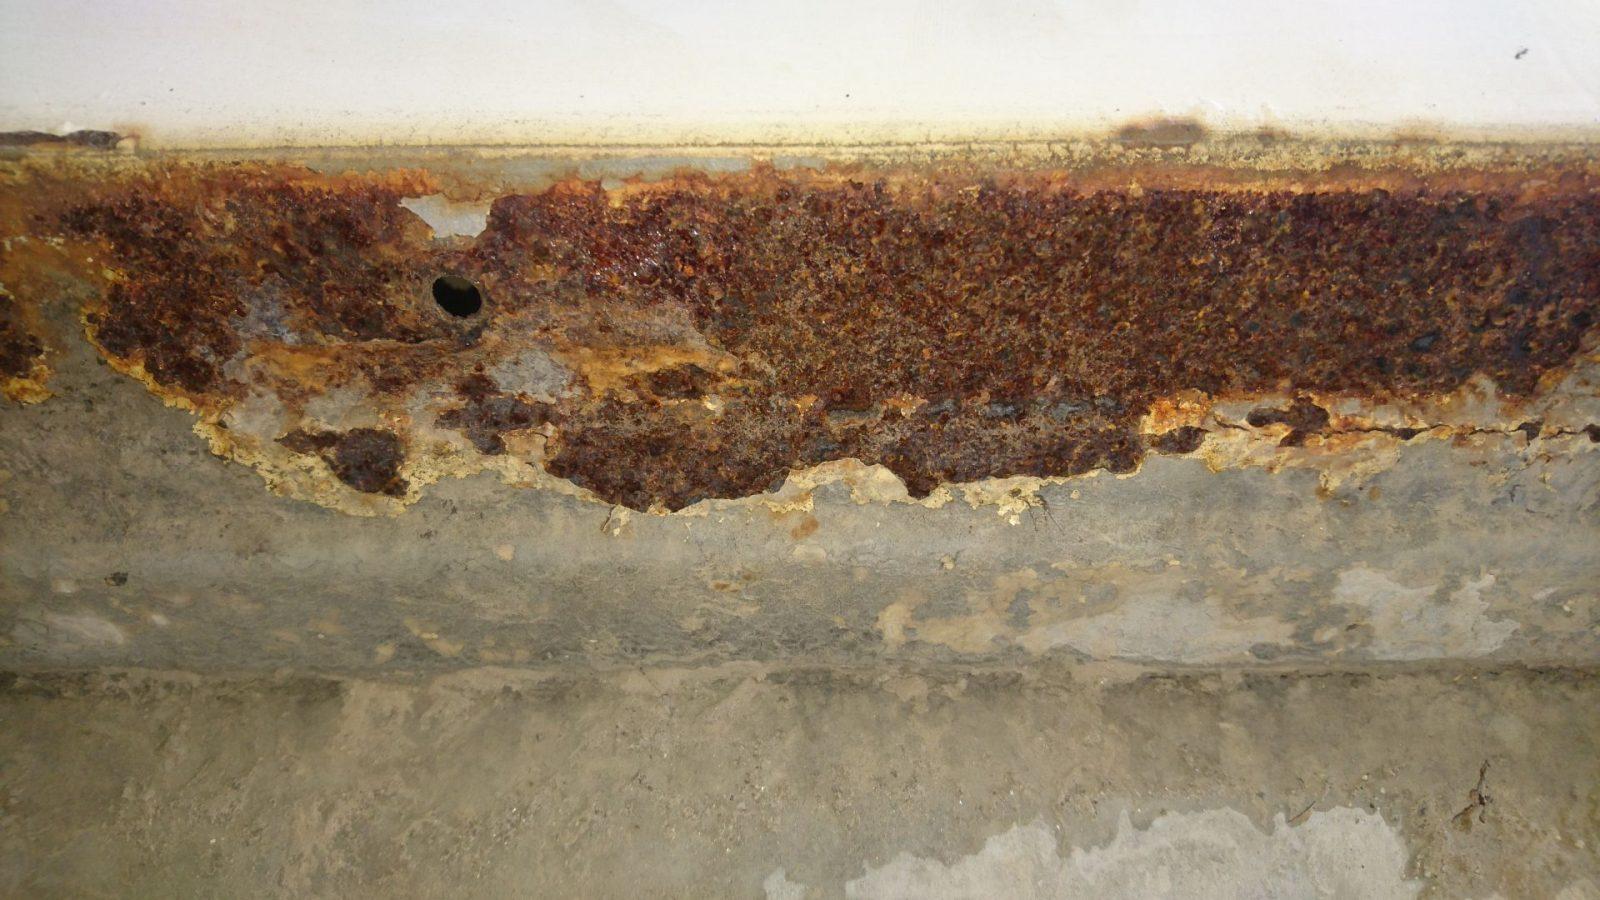 Das ist ausschließlich Oberflächenrost, der sich zwischen dem von mir so bezeichneten Schraubenträger und dem Karosserieseitenblech gebildet hat.